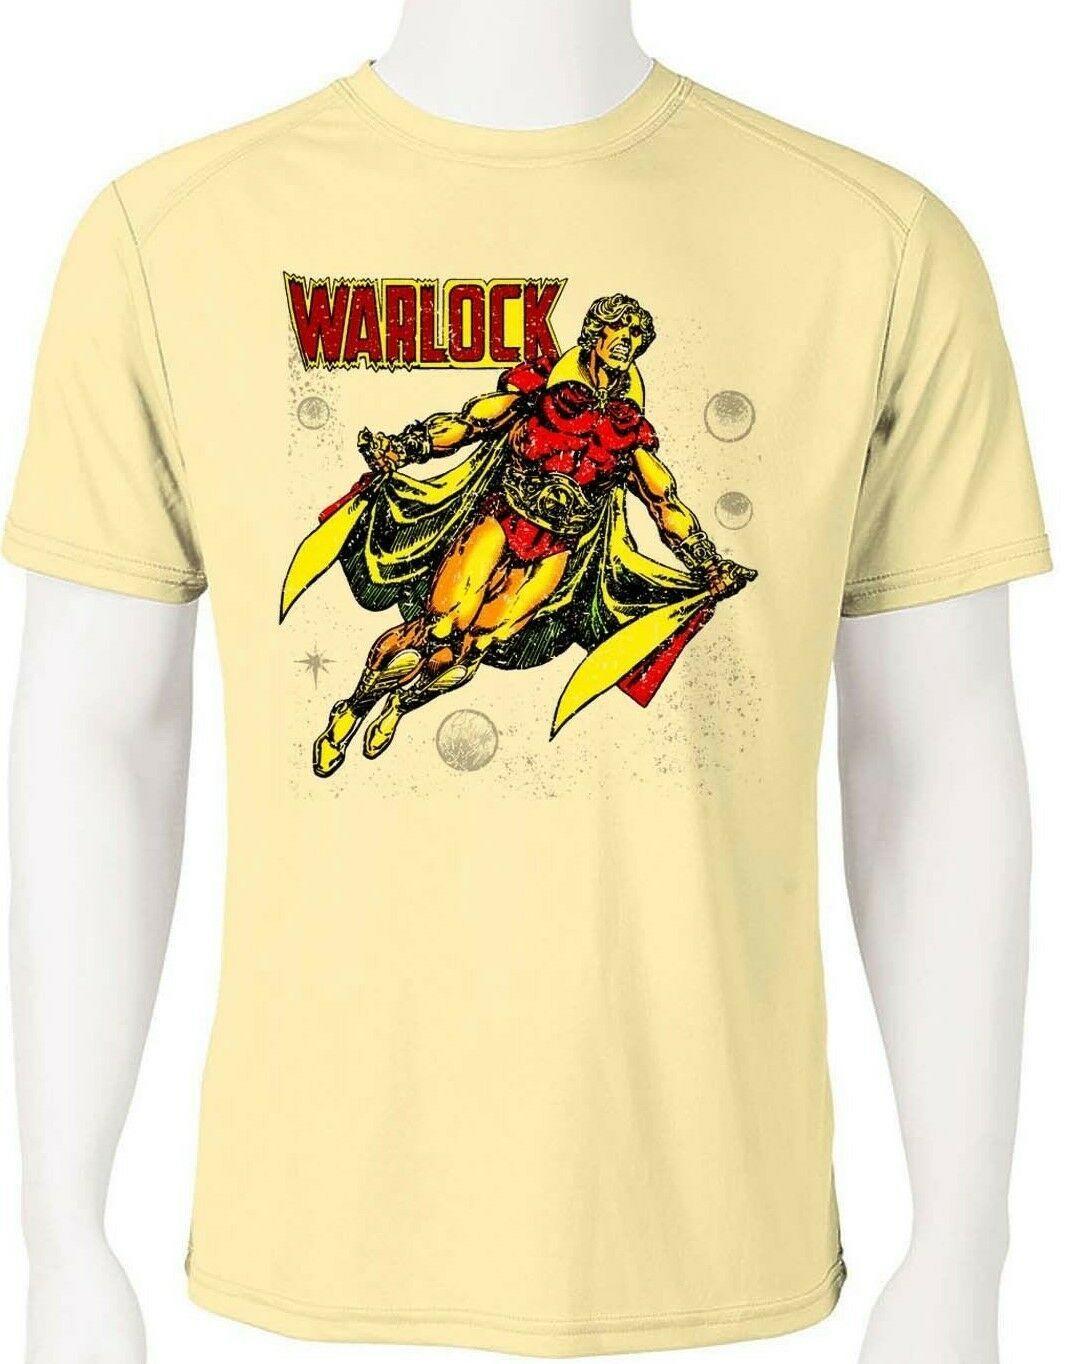 Adam warlock dri fit graphic tshirt moisture wicking superhero anime spf tee